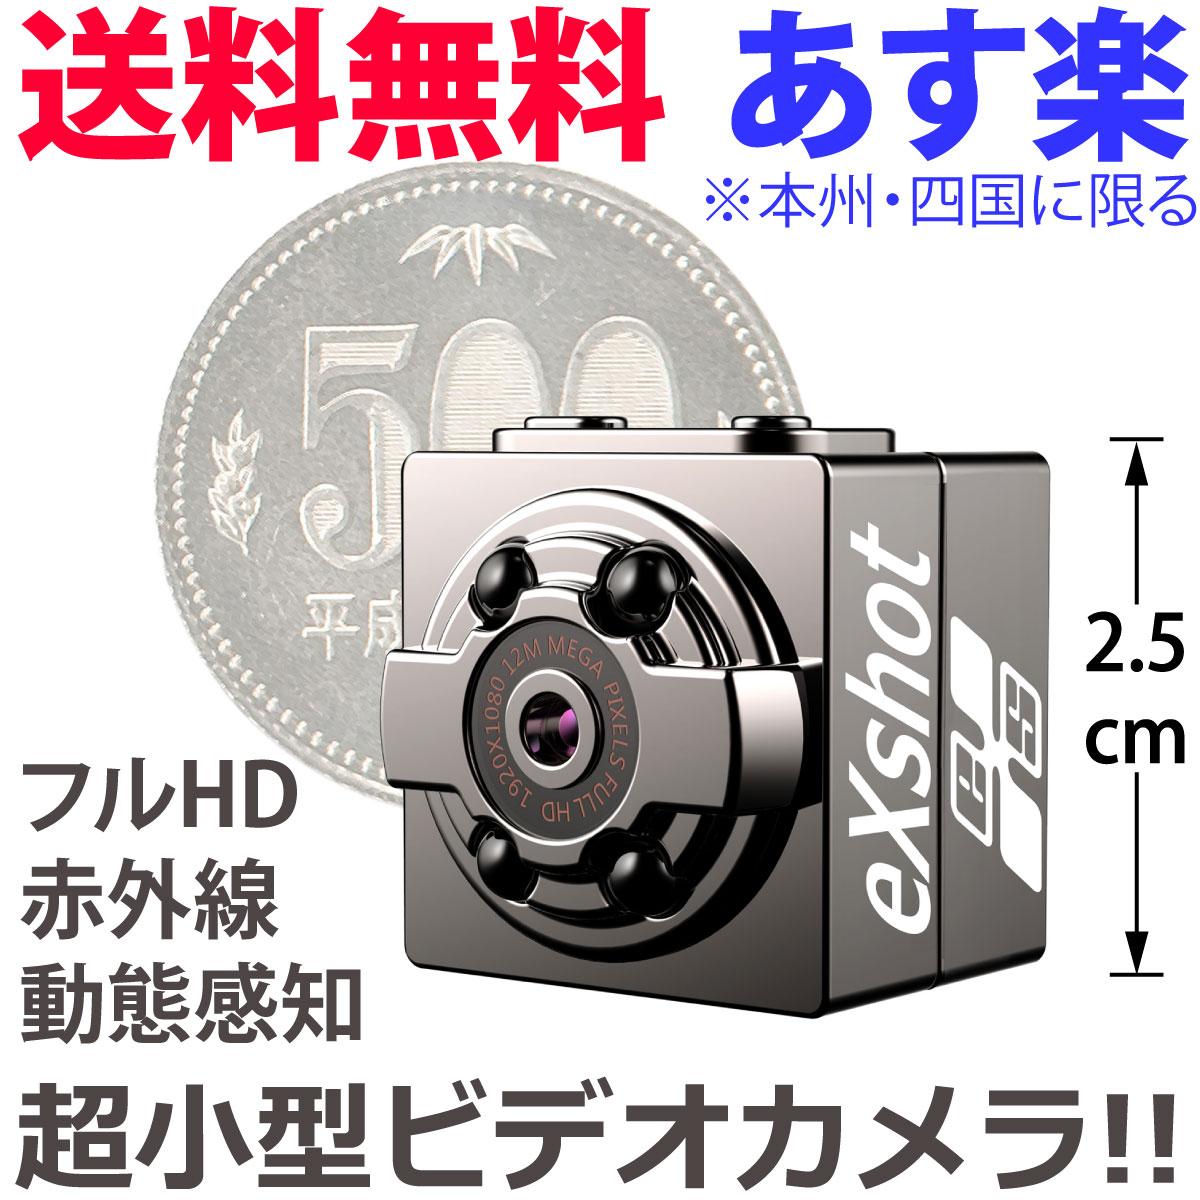 超小型フルHD ビデオカメラ ワイヤレス ウエアラブル 日本語マニュアル付 防犯カメラ 監視カメラ SQ8 1080P 暗視 赤外線 動体検知 小型カメラ SDカード 録画 録音 充電式 バッテリー内蔵 電源不要 工事不要